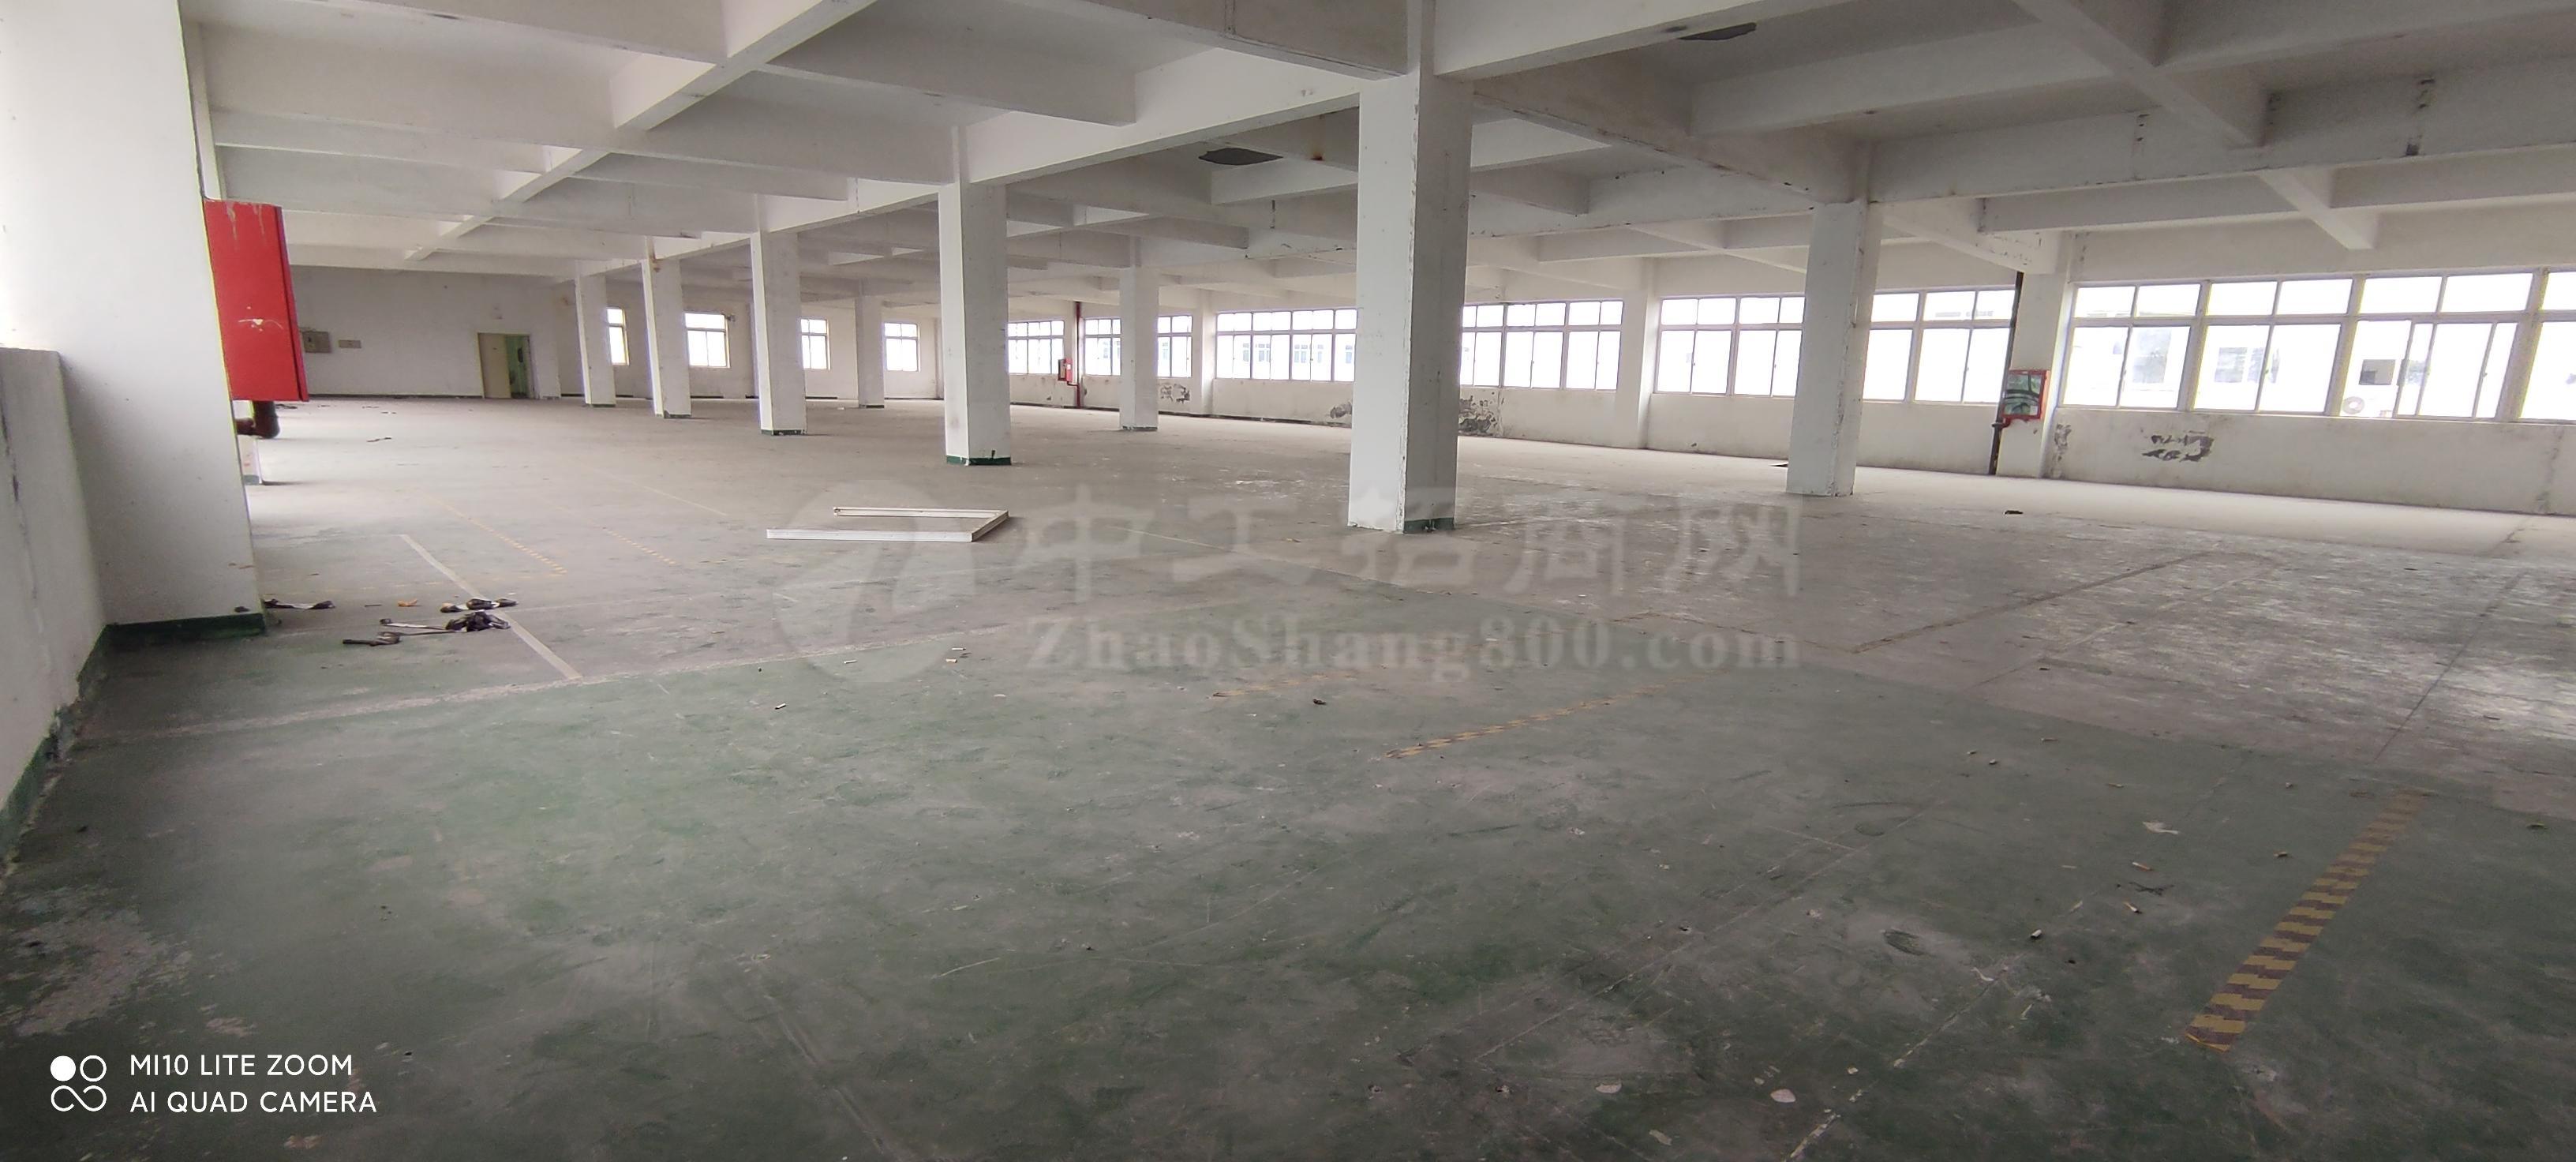 龙华大浪华霆路原房东红本工业区楼上1900平厂房出租仓库